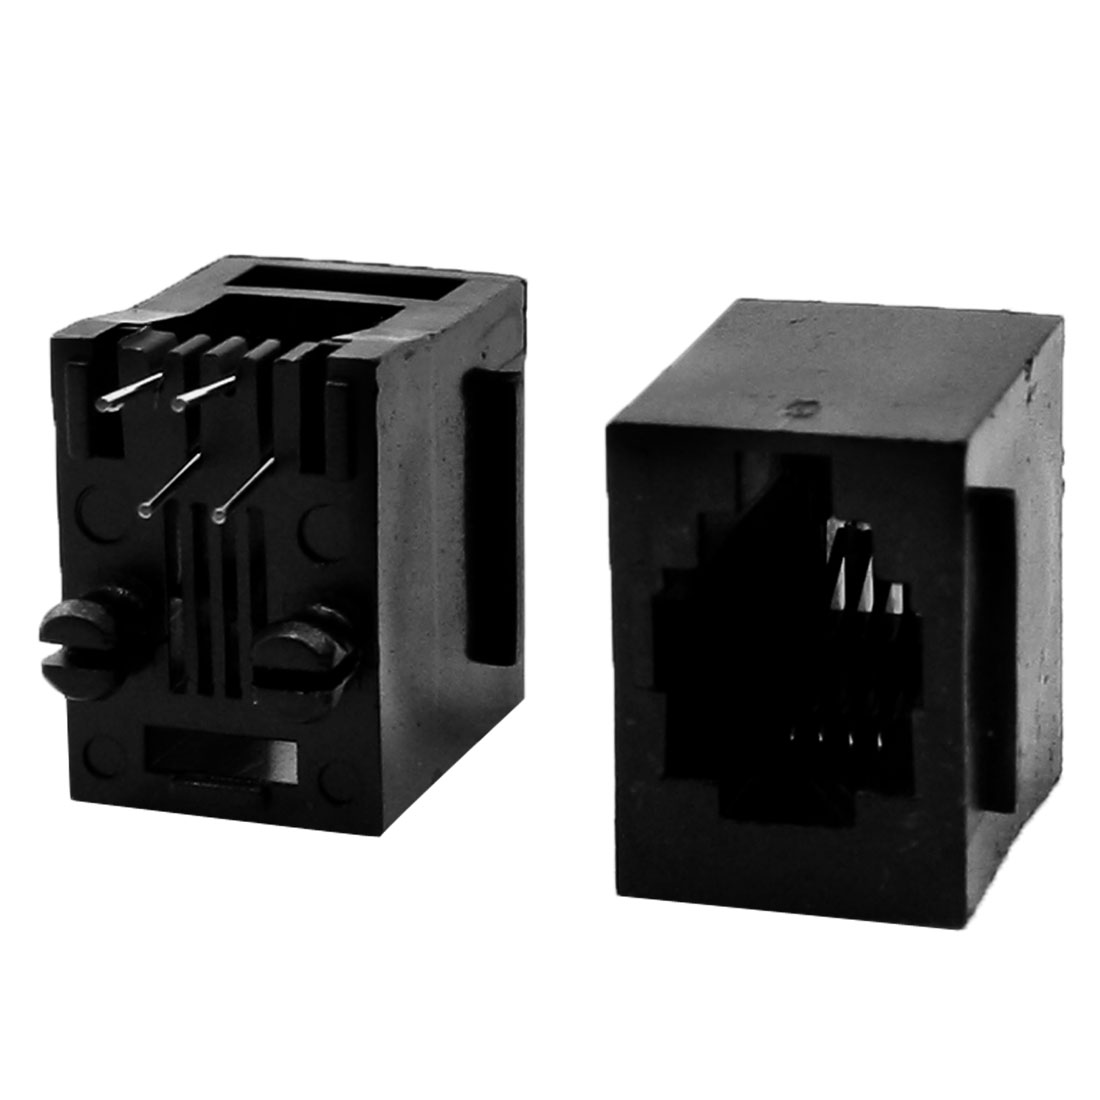 20Pcs RJ9 RJ10 RJ22 4P4C Handset Wire Socket Vert PCB Jack 15 x 11 x 15mm